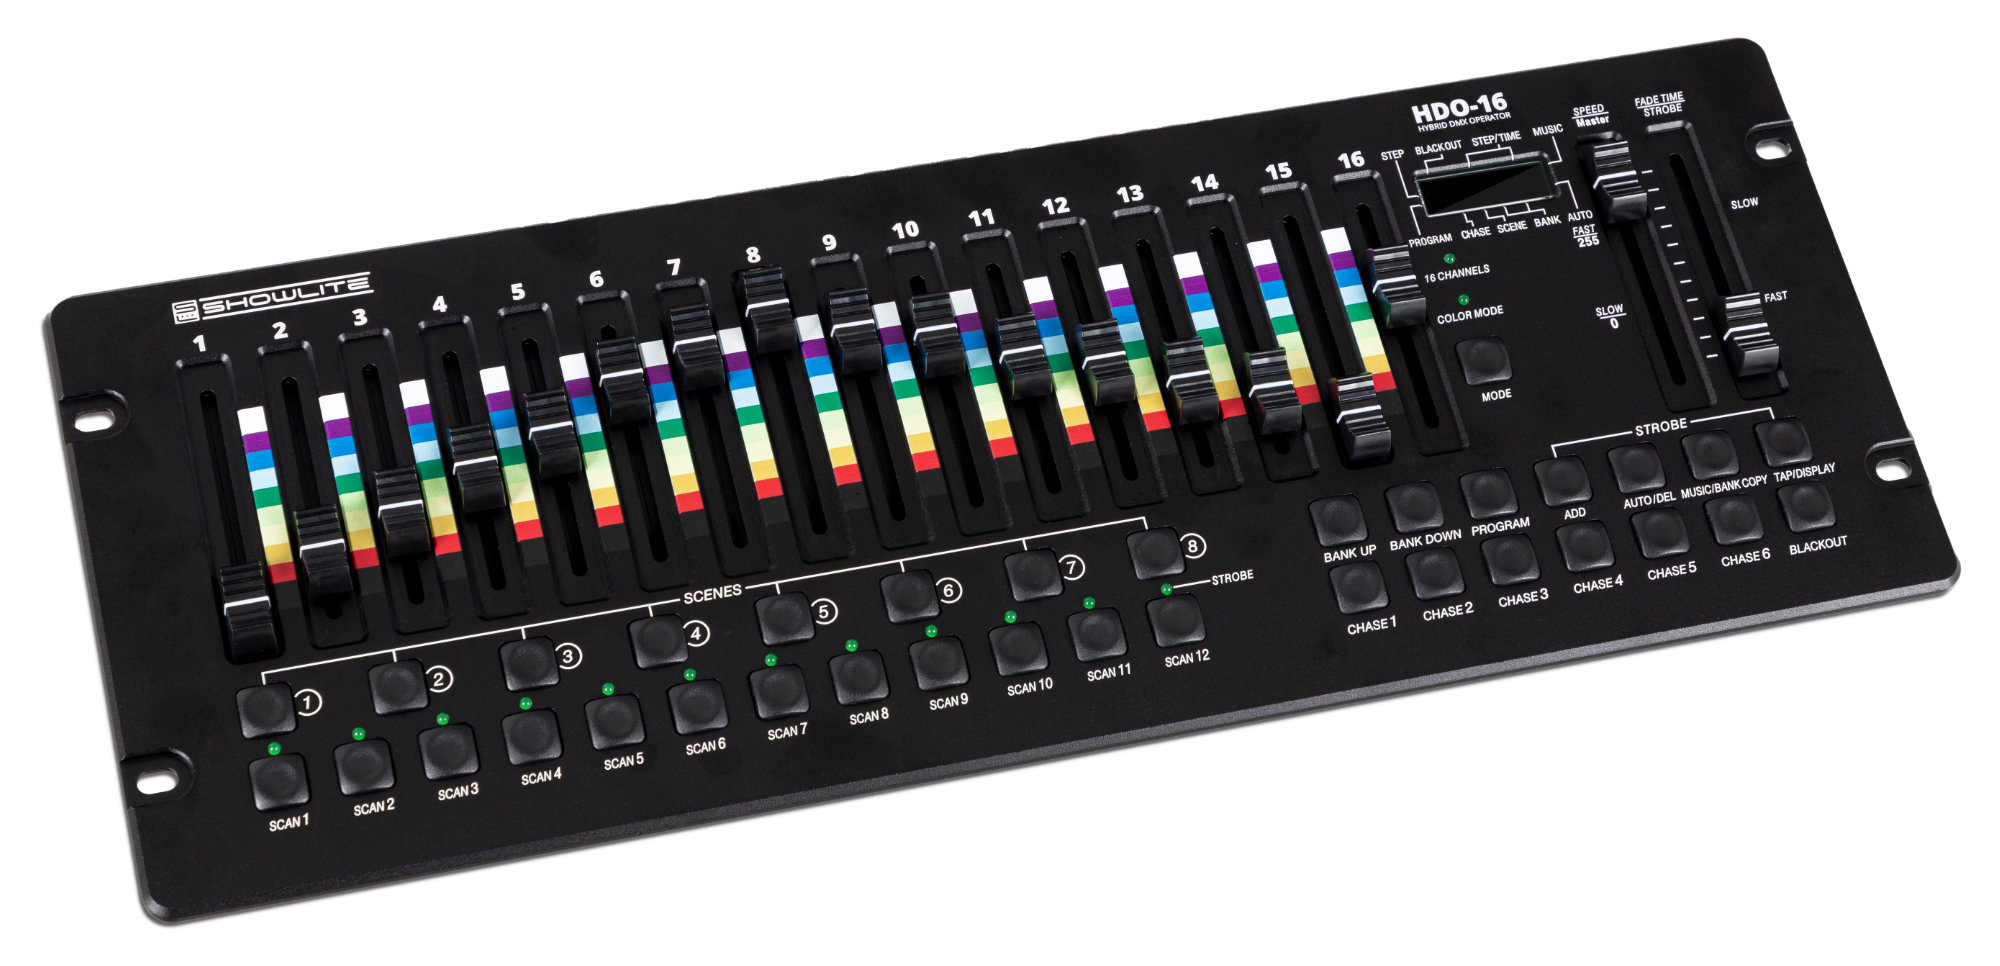 Lichtsteuerung - Showlite HDO 16 Hybrid DMX Controller - Onlineshop Musikhaus Kirstein